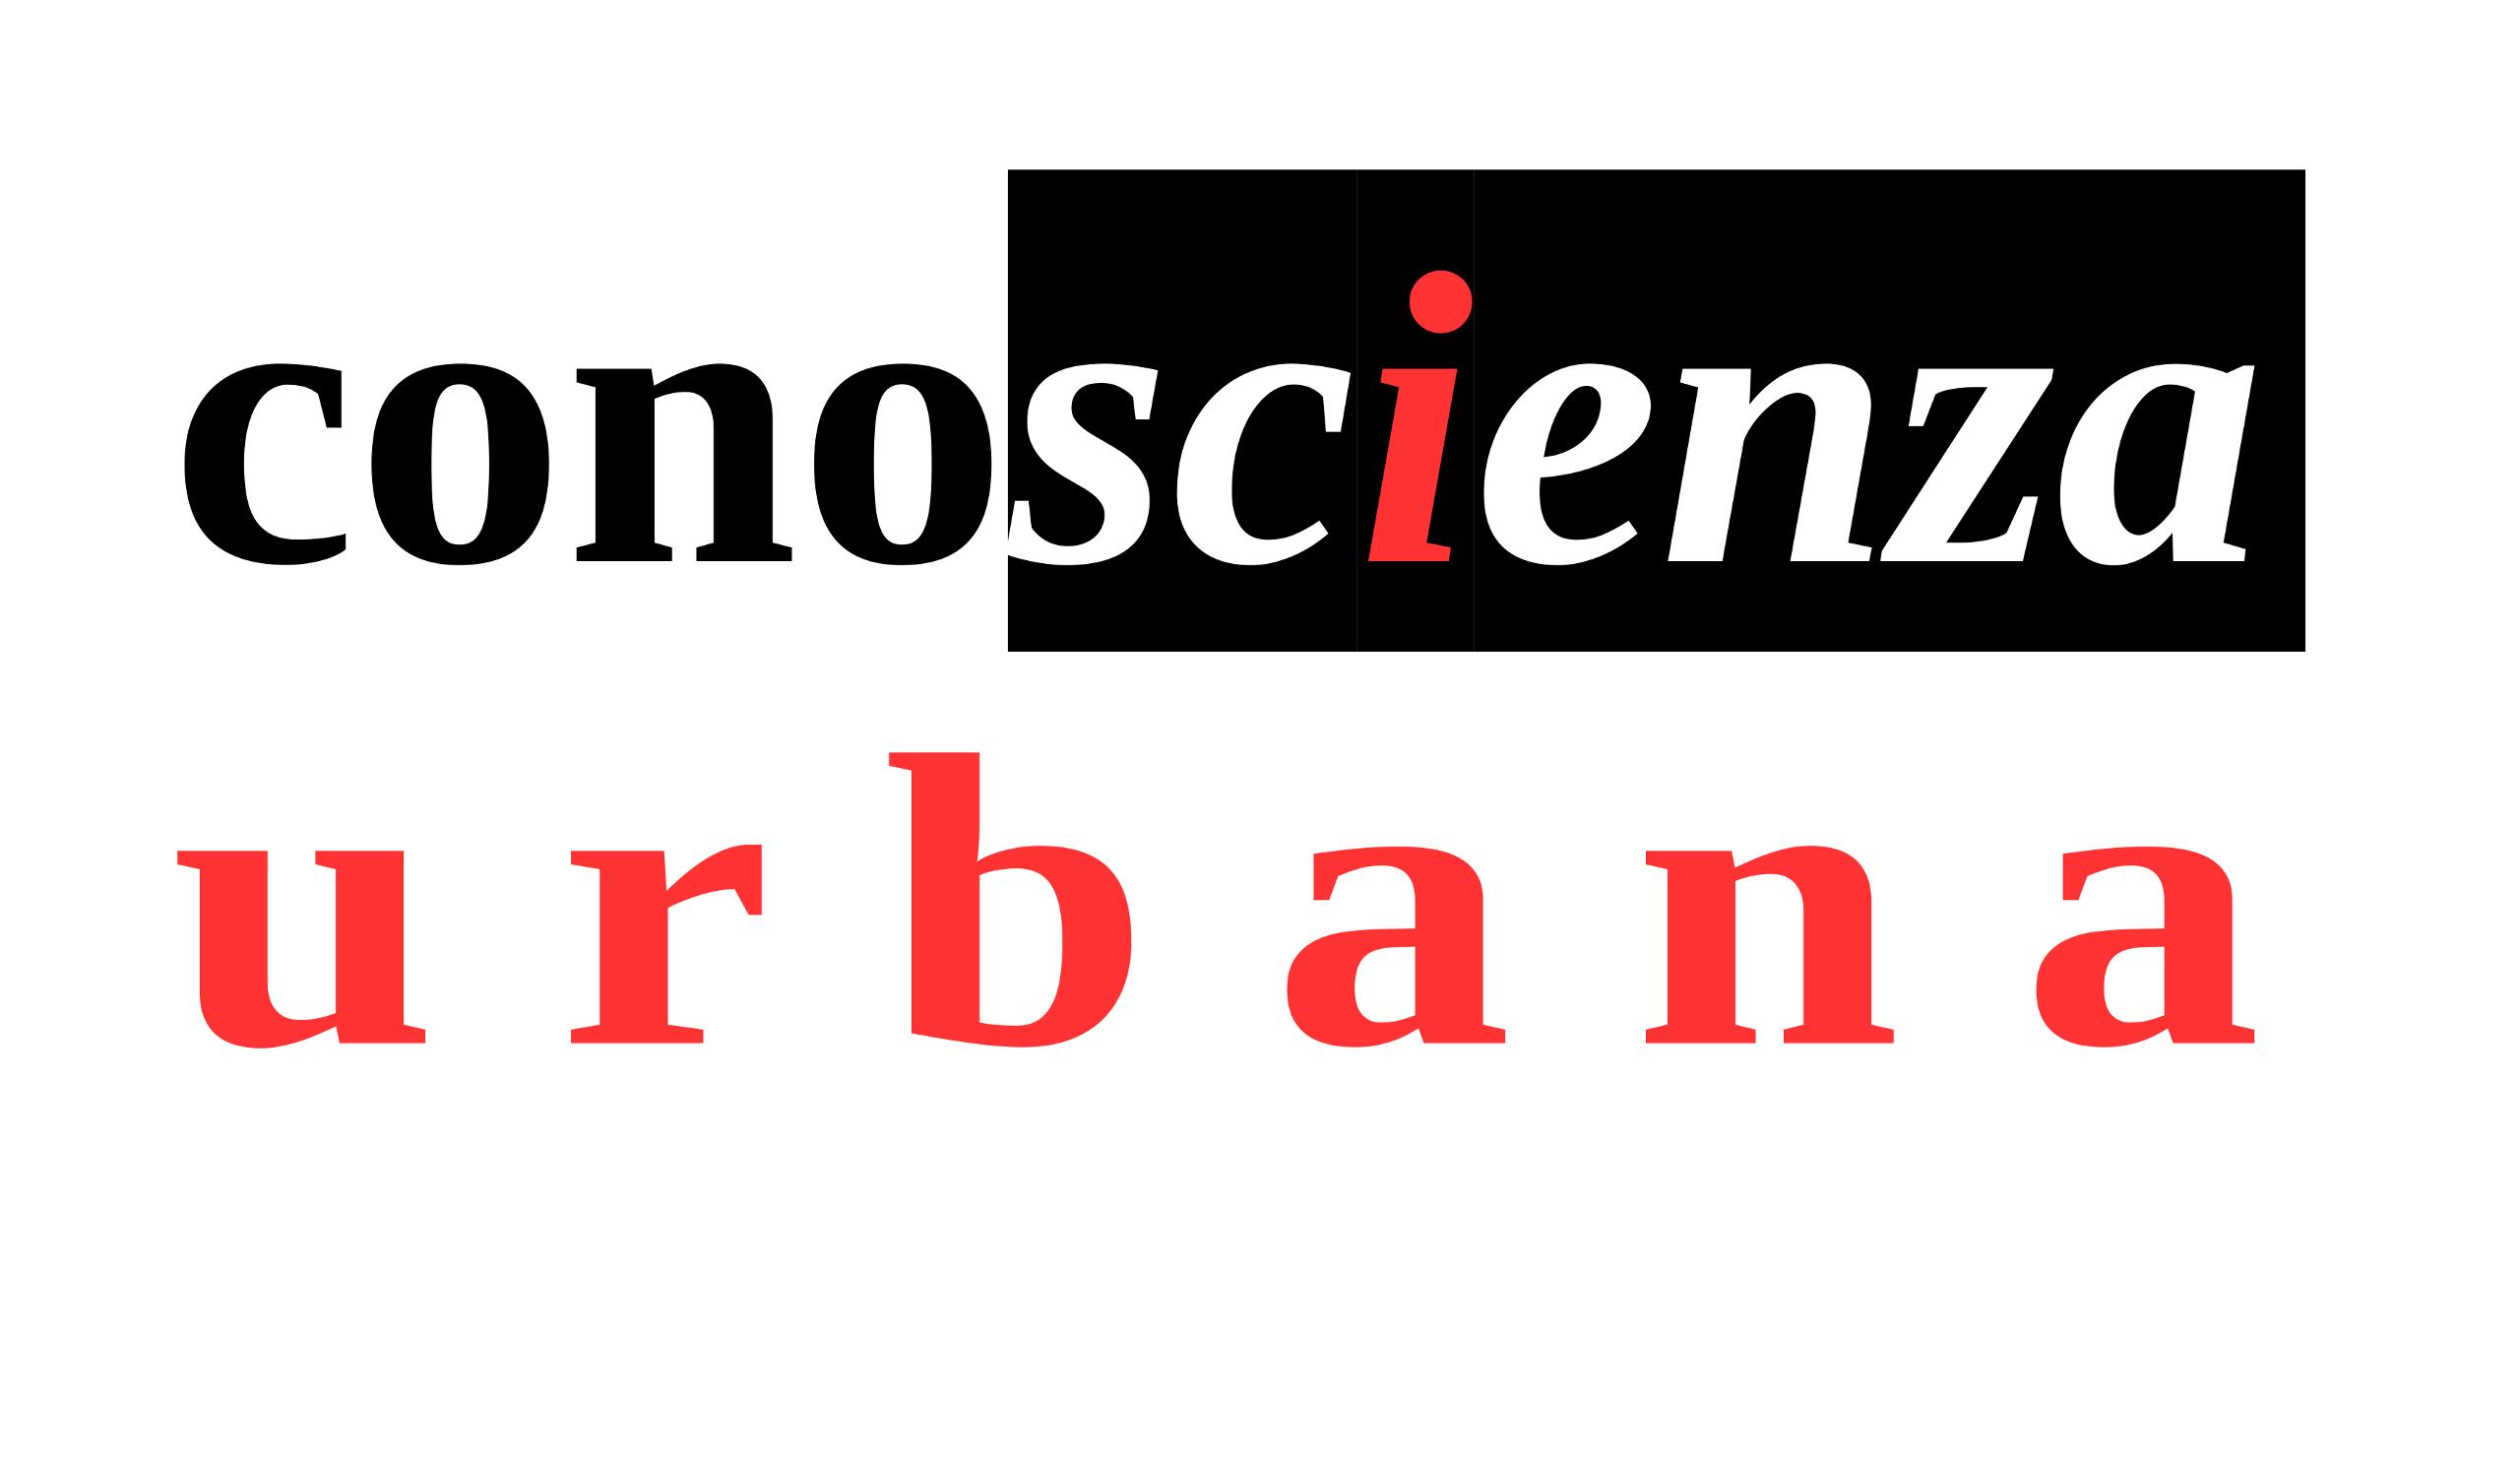 micro-progetto ConoSCIENZA Urbana